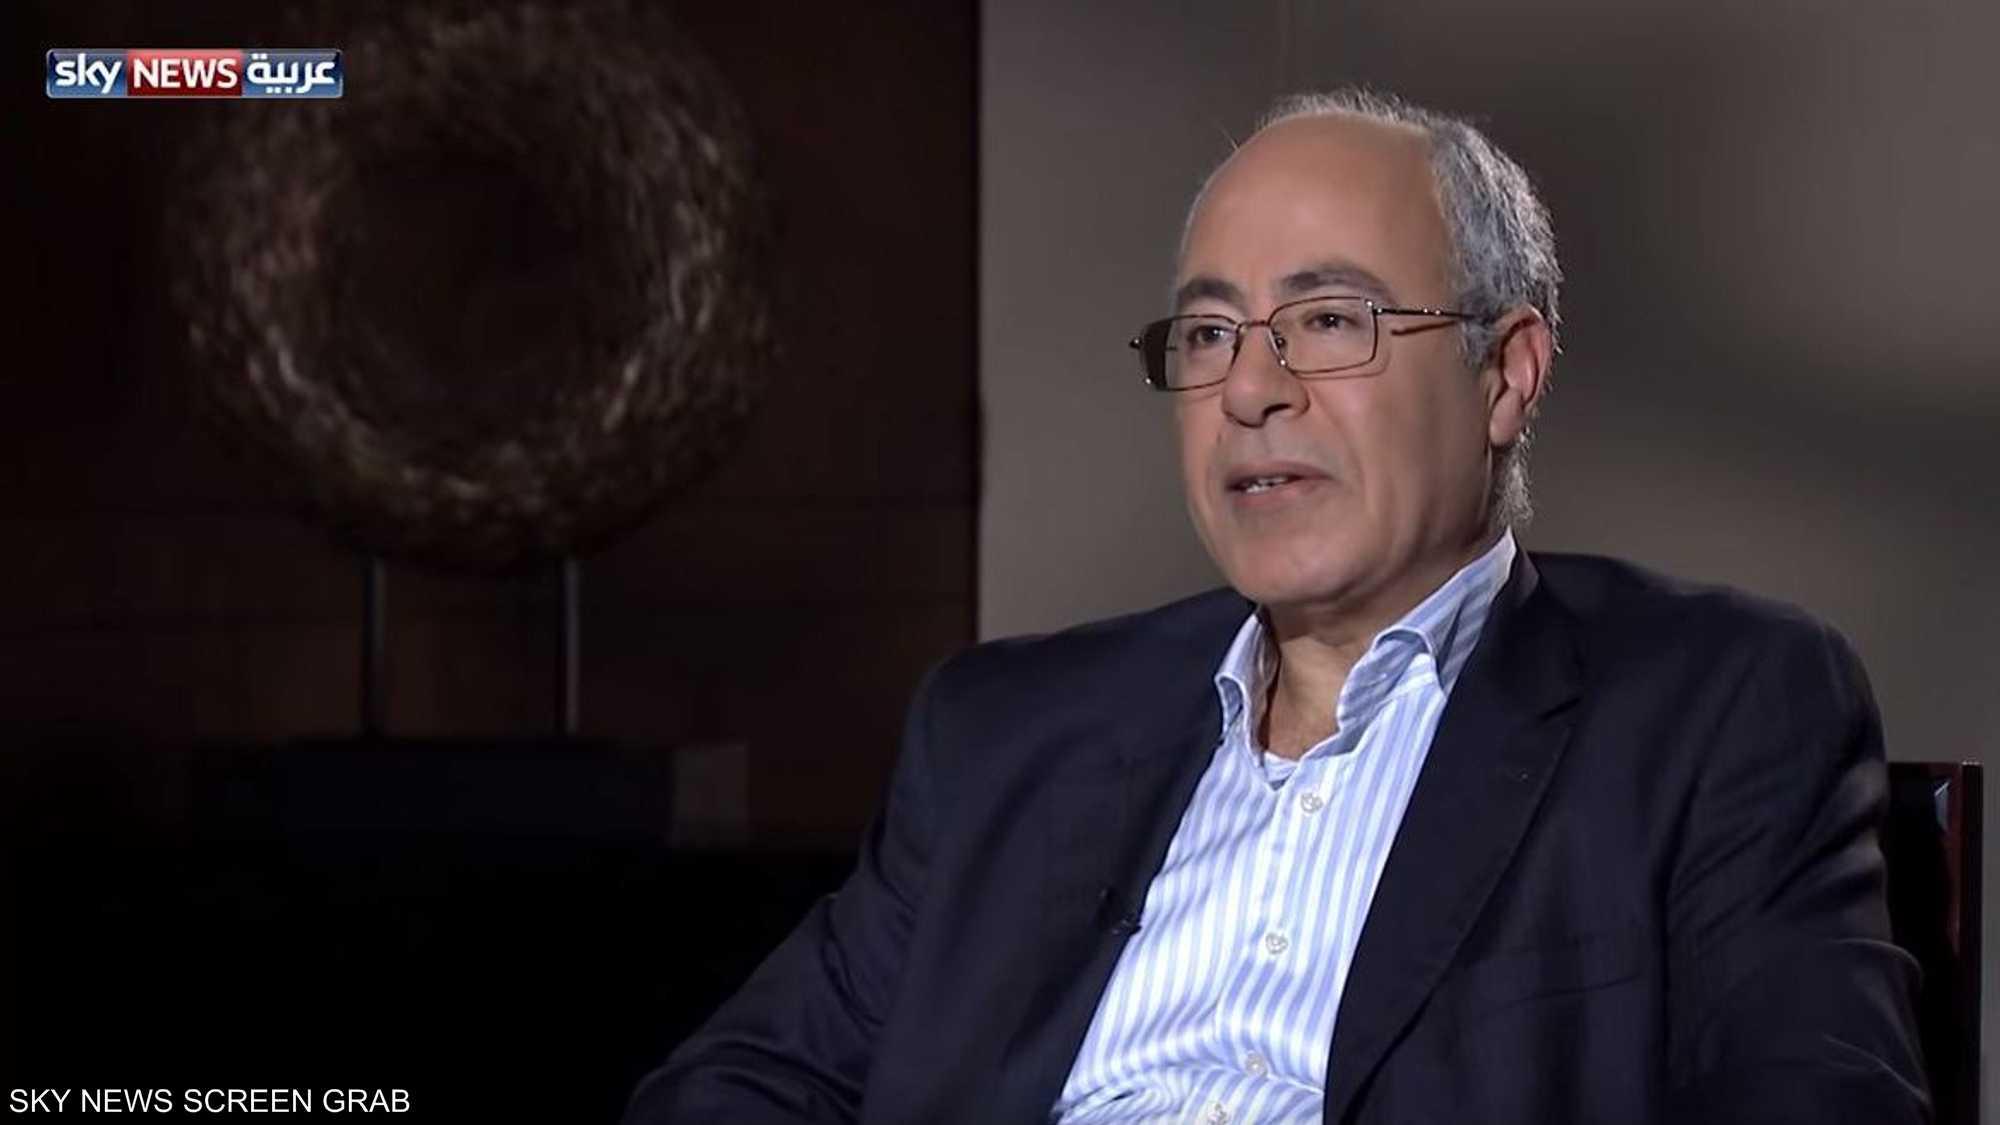 المفكر التونسي عز الدين عناية ضيف حديث العرب